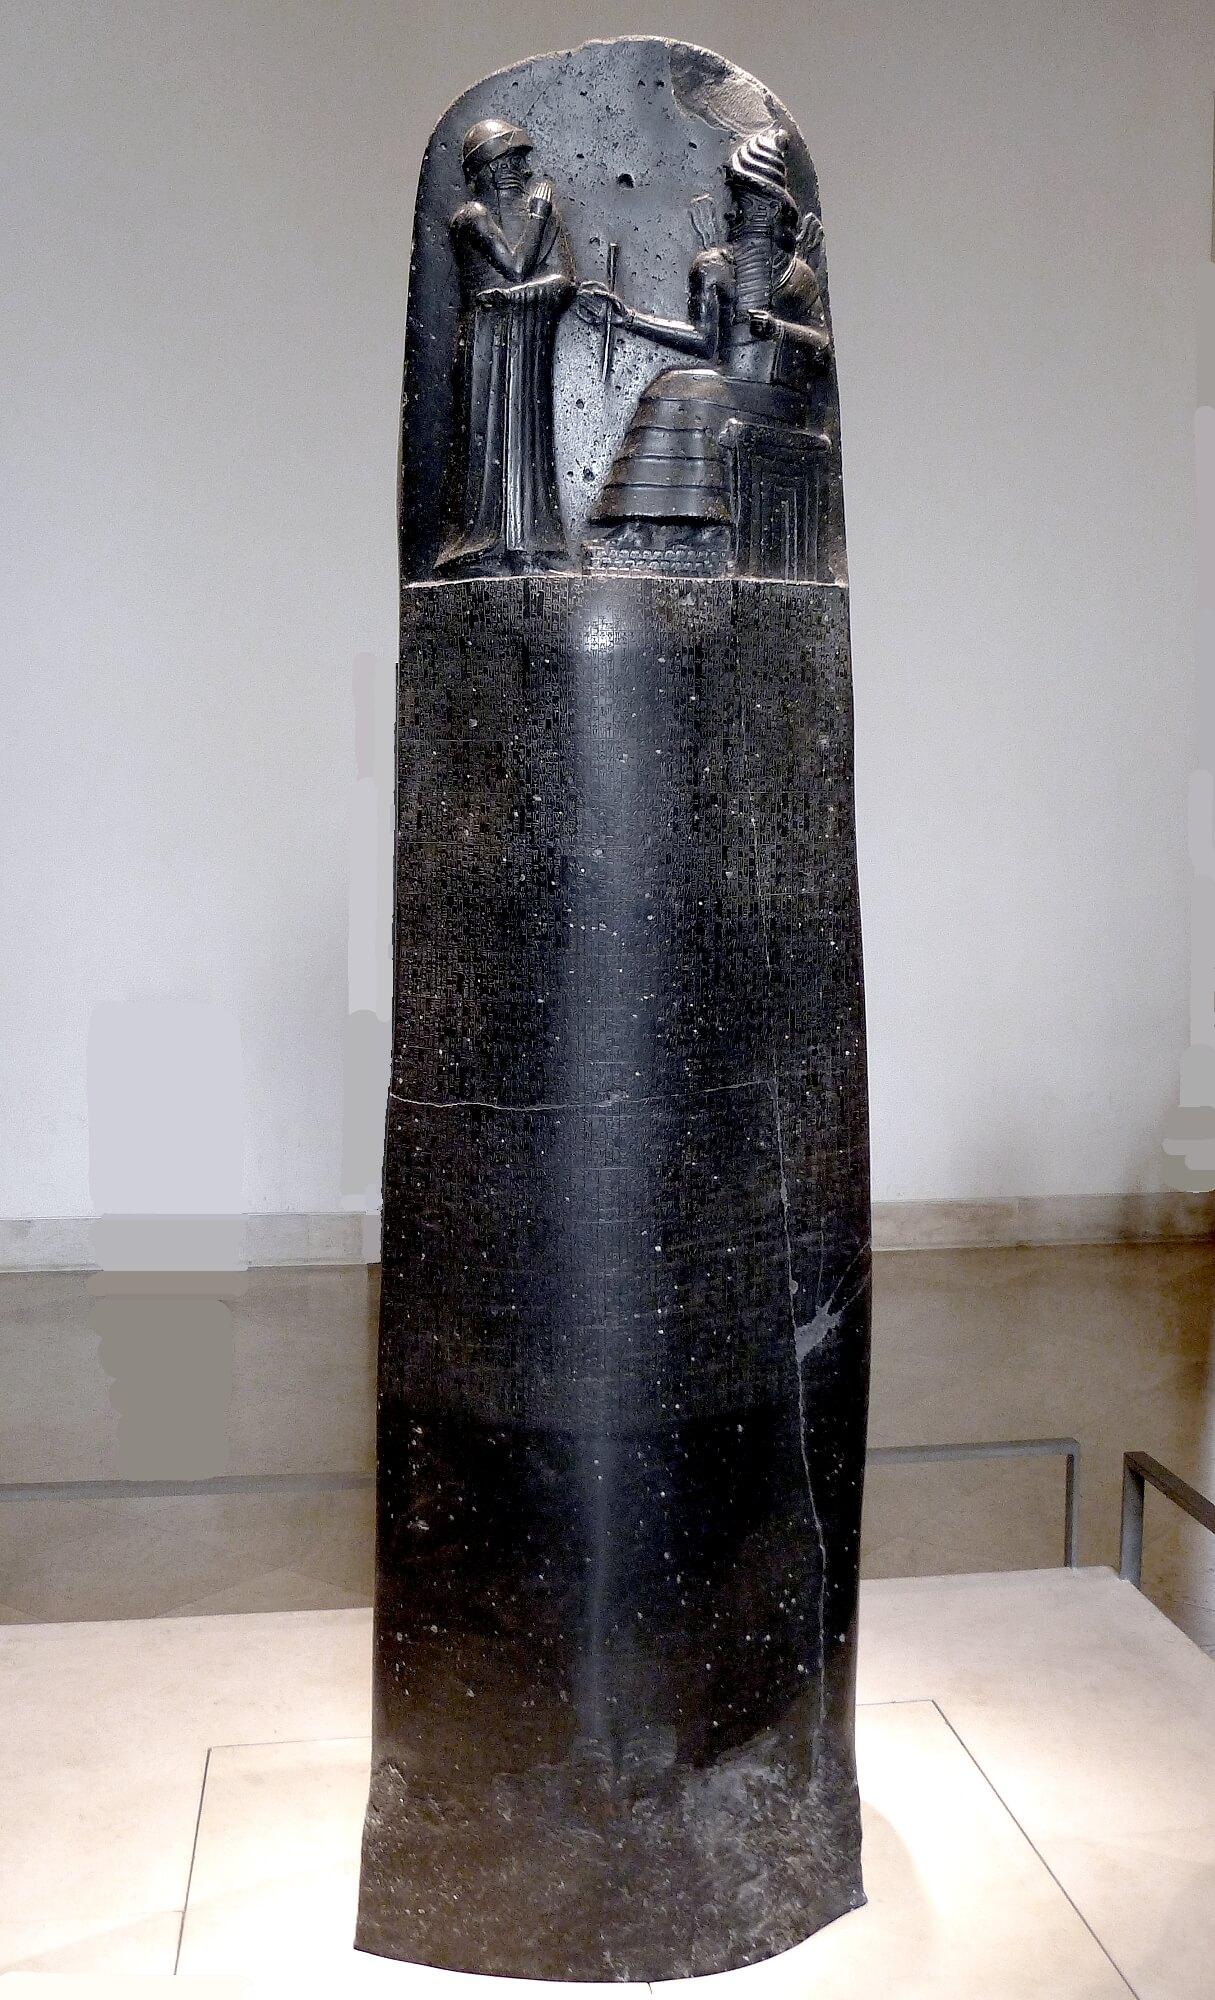 Estela donde se hallan grabadas las 282 leyes del Código de Hammurabi